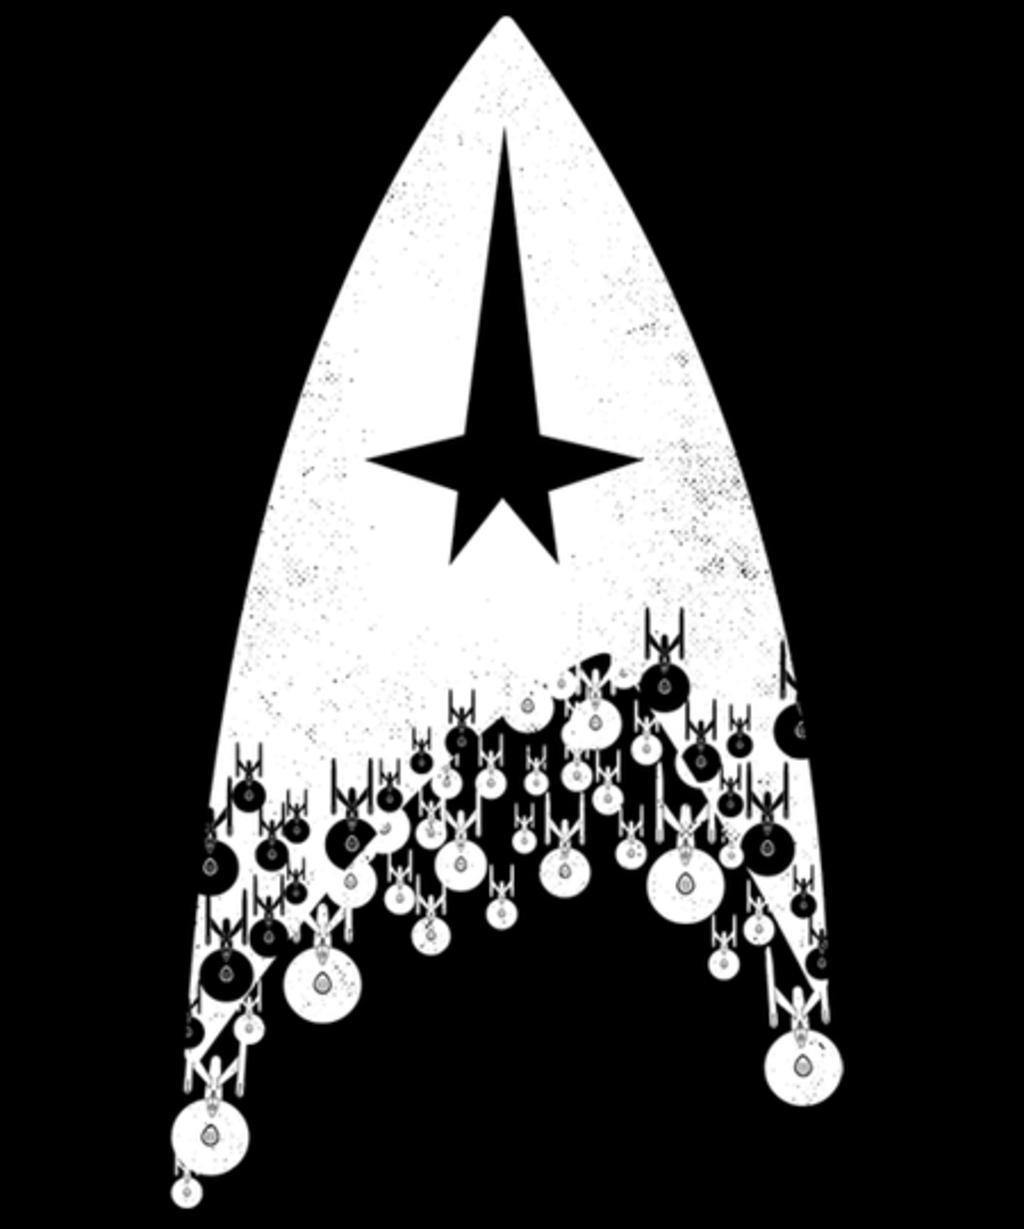 Qwertee: The Fleet